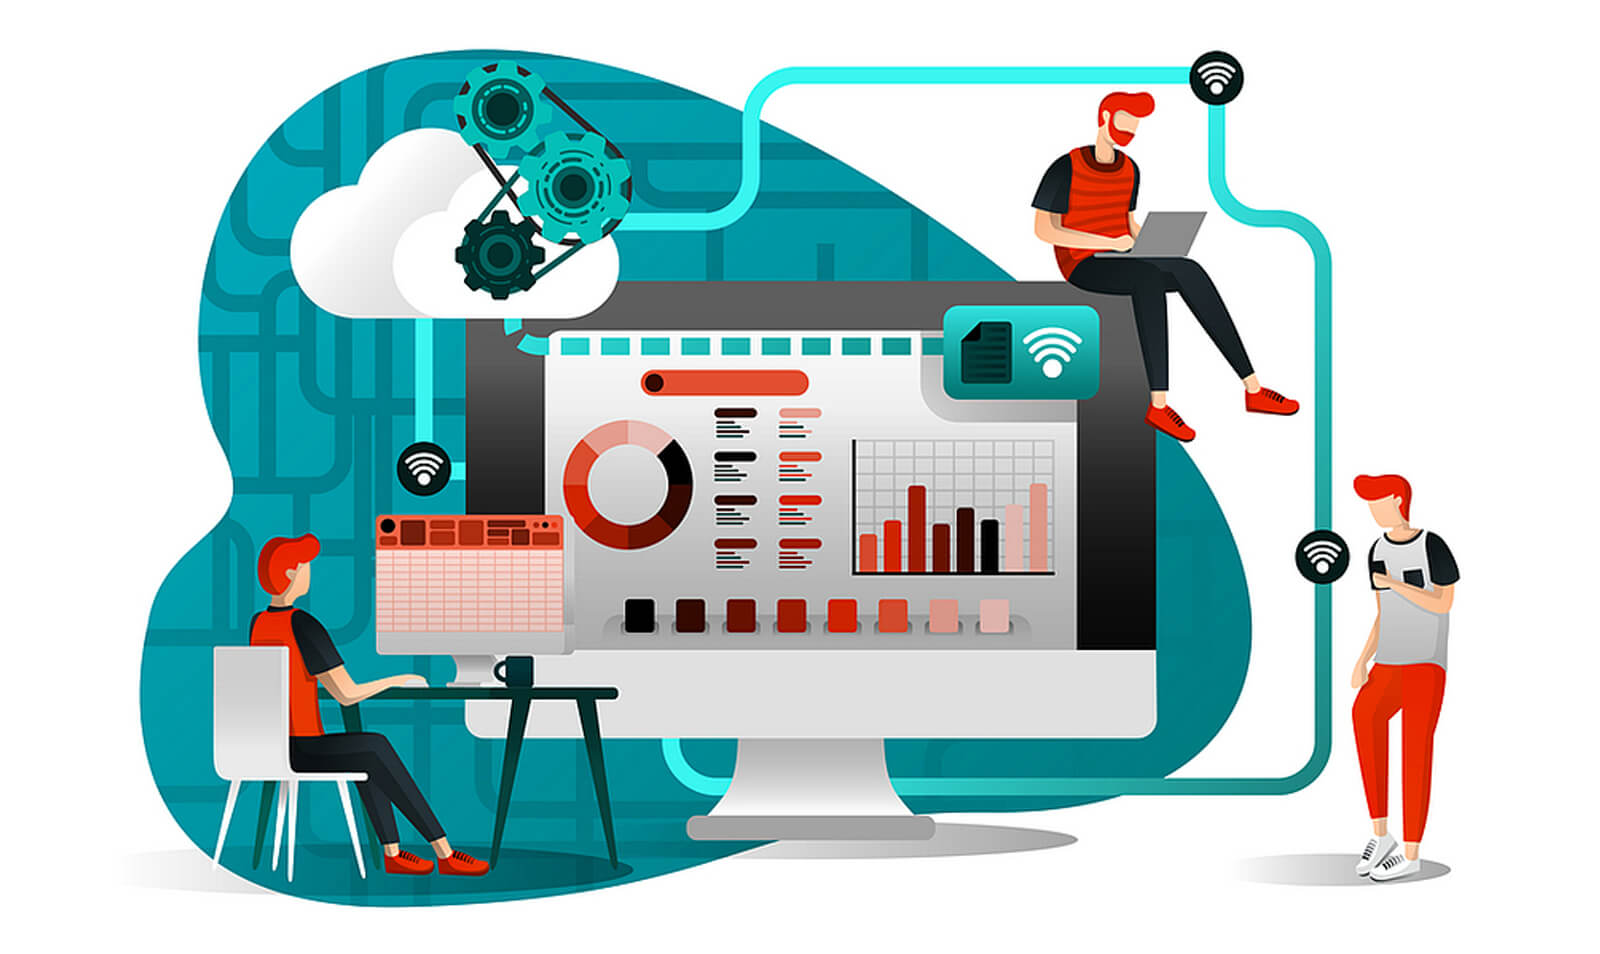 Как пандемия повлияла на проникновение цифровых технологий в повседневную жизнь и бизнес. Комментарий эксперта RTM Group.